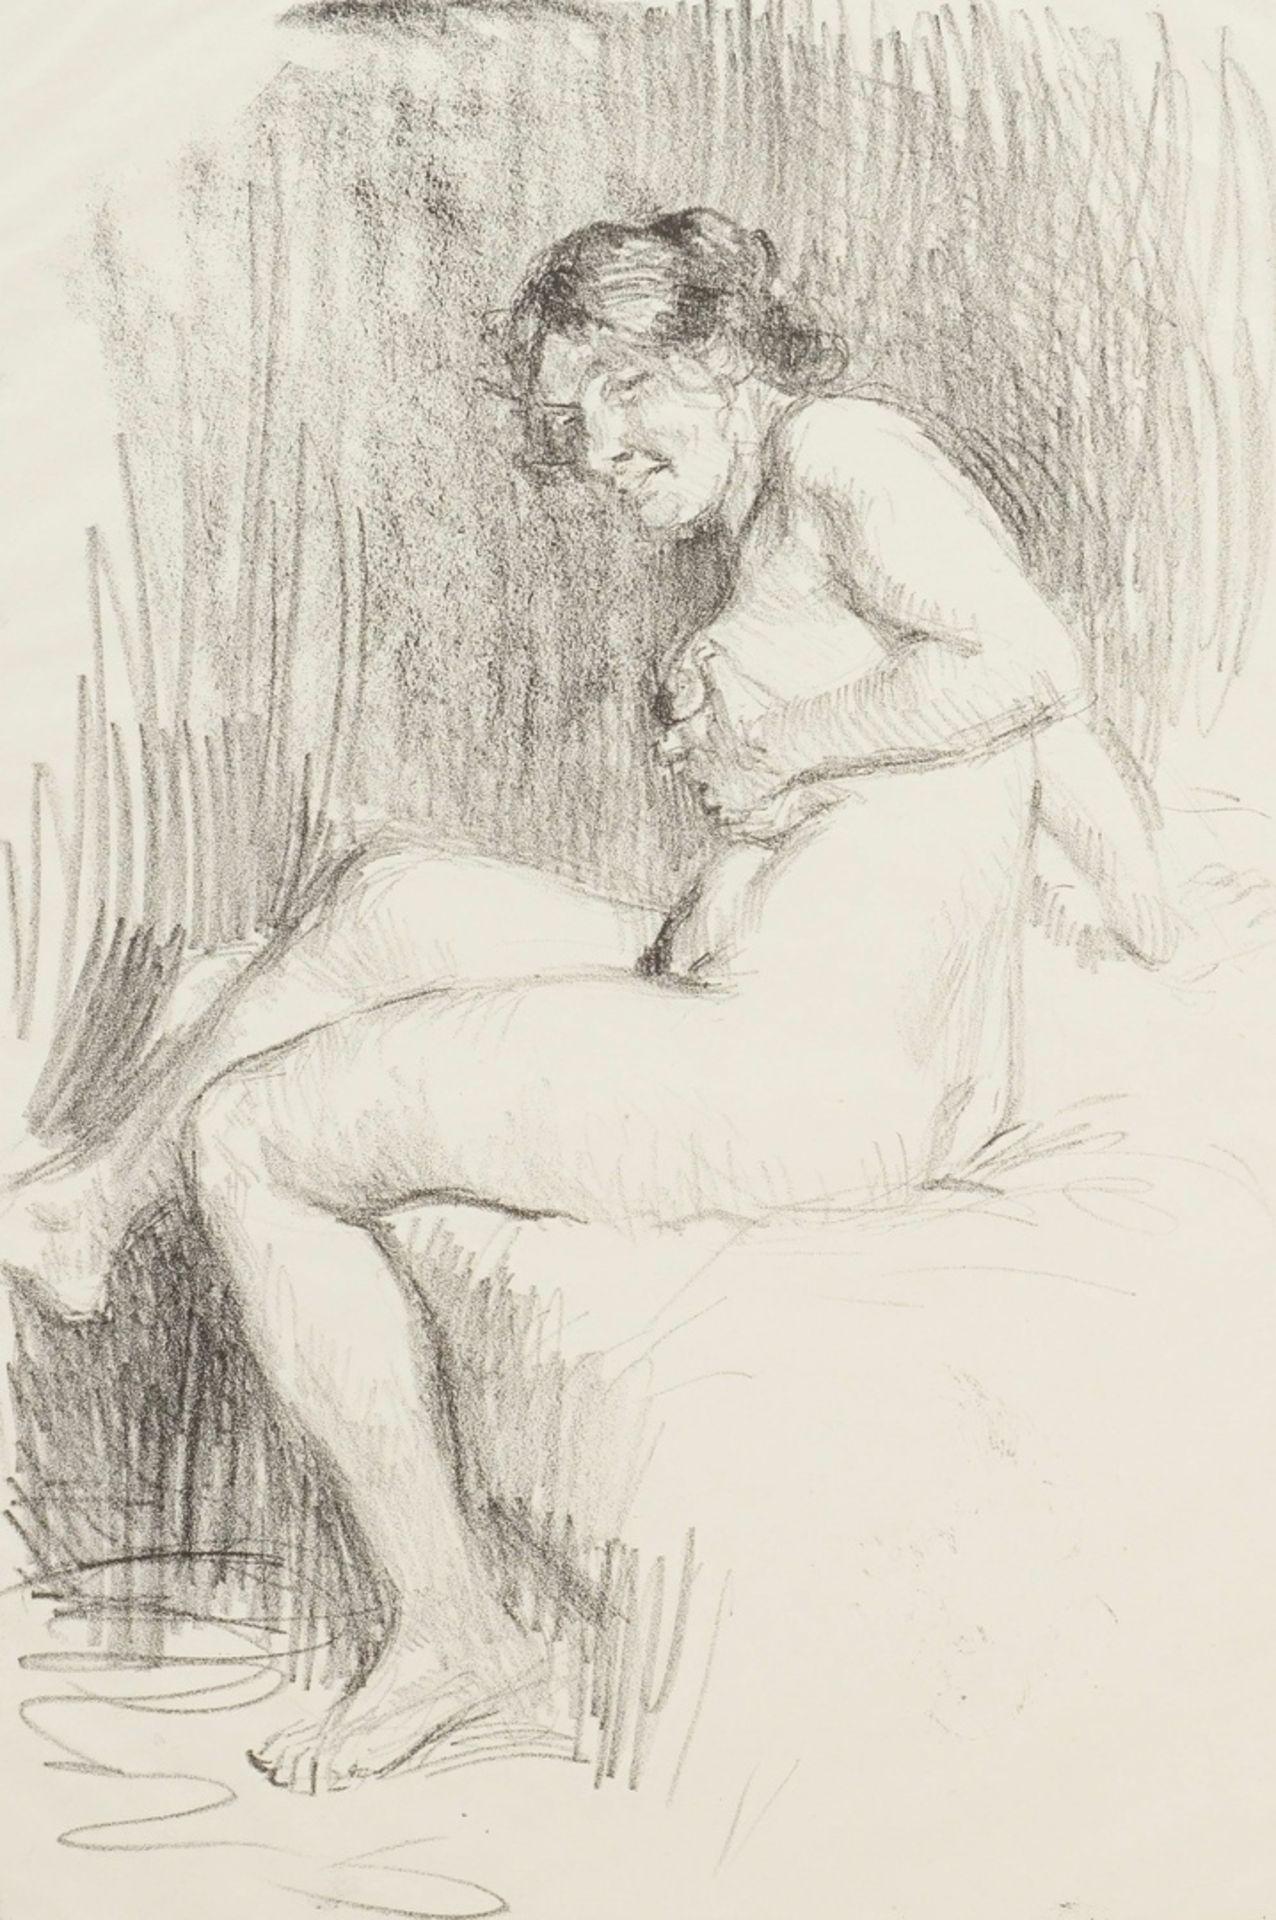 Paul Paede, Sitzender weiblicher Akt, die linke Hand an der Brust